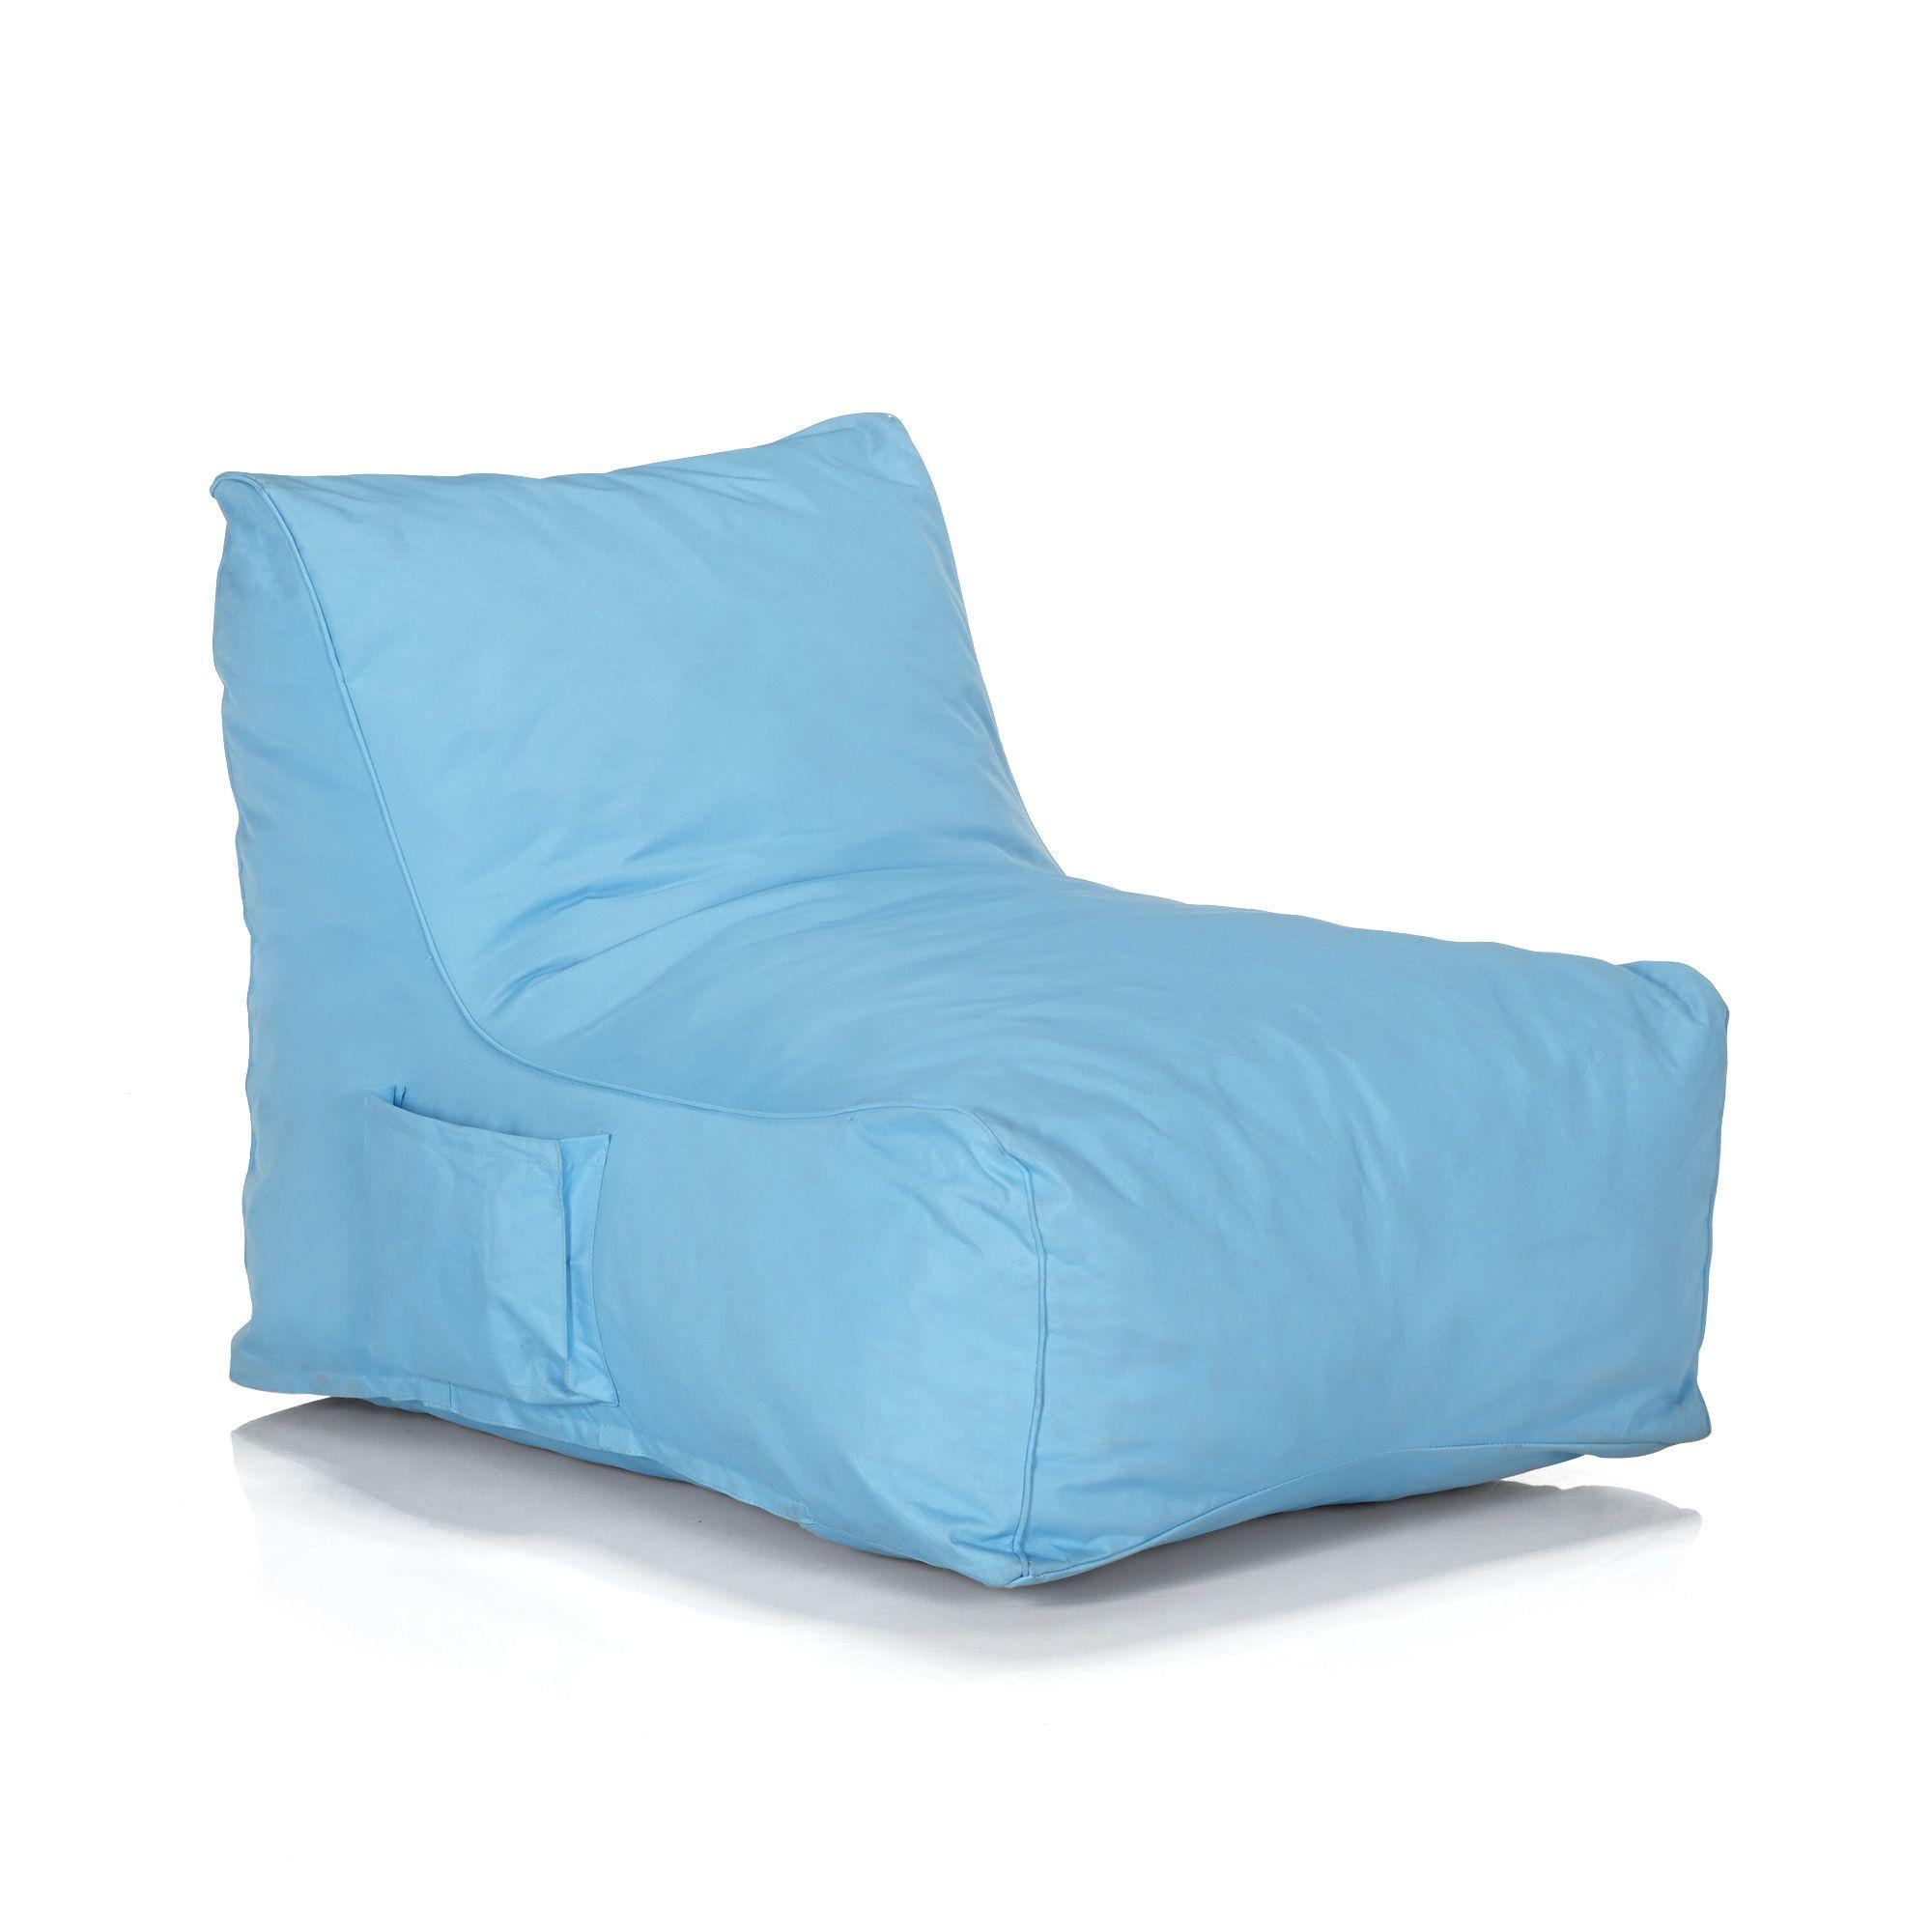 Fauteuil pouf bleu Bleu Amalia Les fauteuils de jardin Les